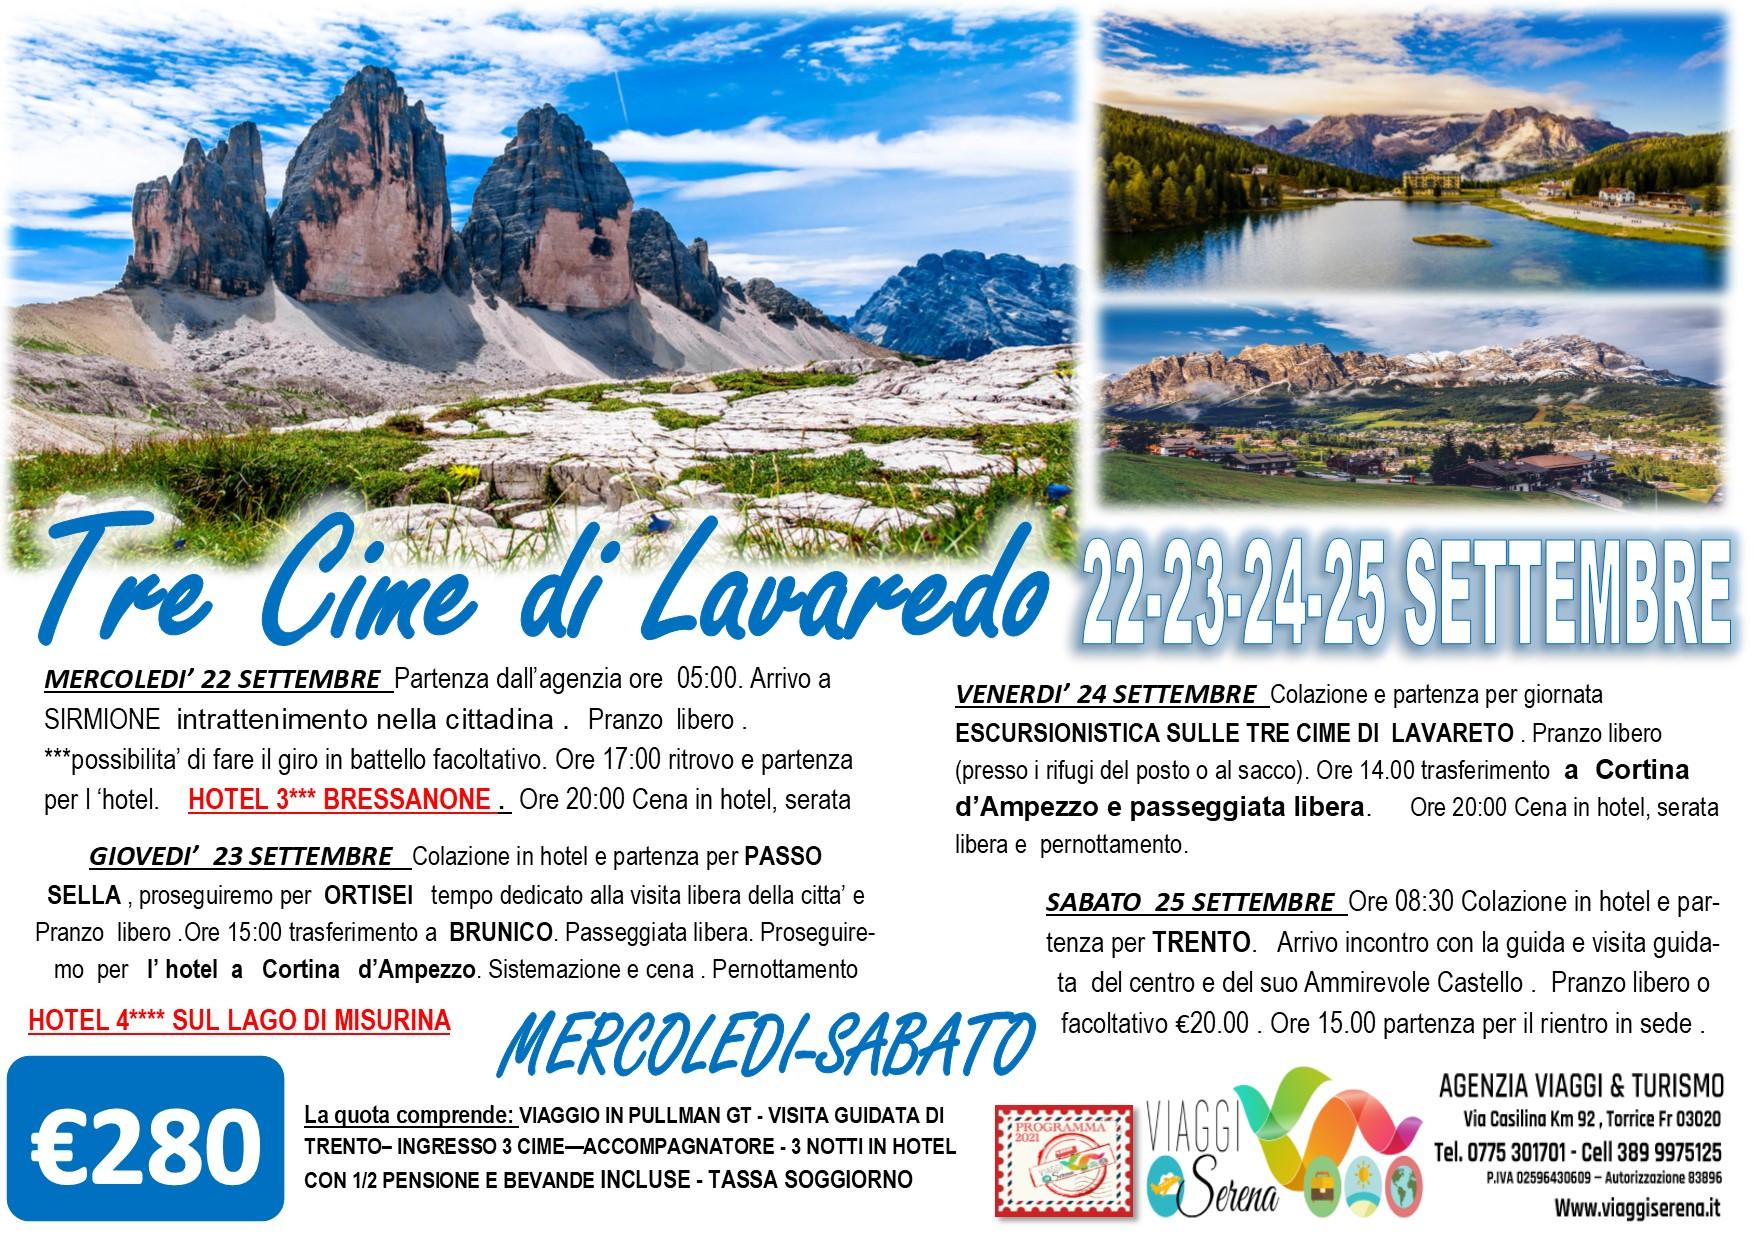 Viaggi di Gruppo: TRE CIME di Lavaredo, Ortisei, Passo Sella & Brunico 22-23-24-25 Settembre € 280,00